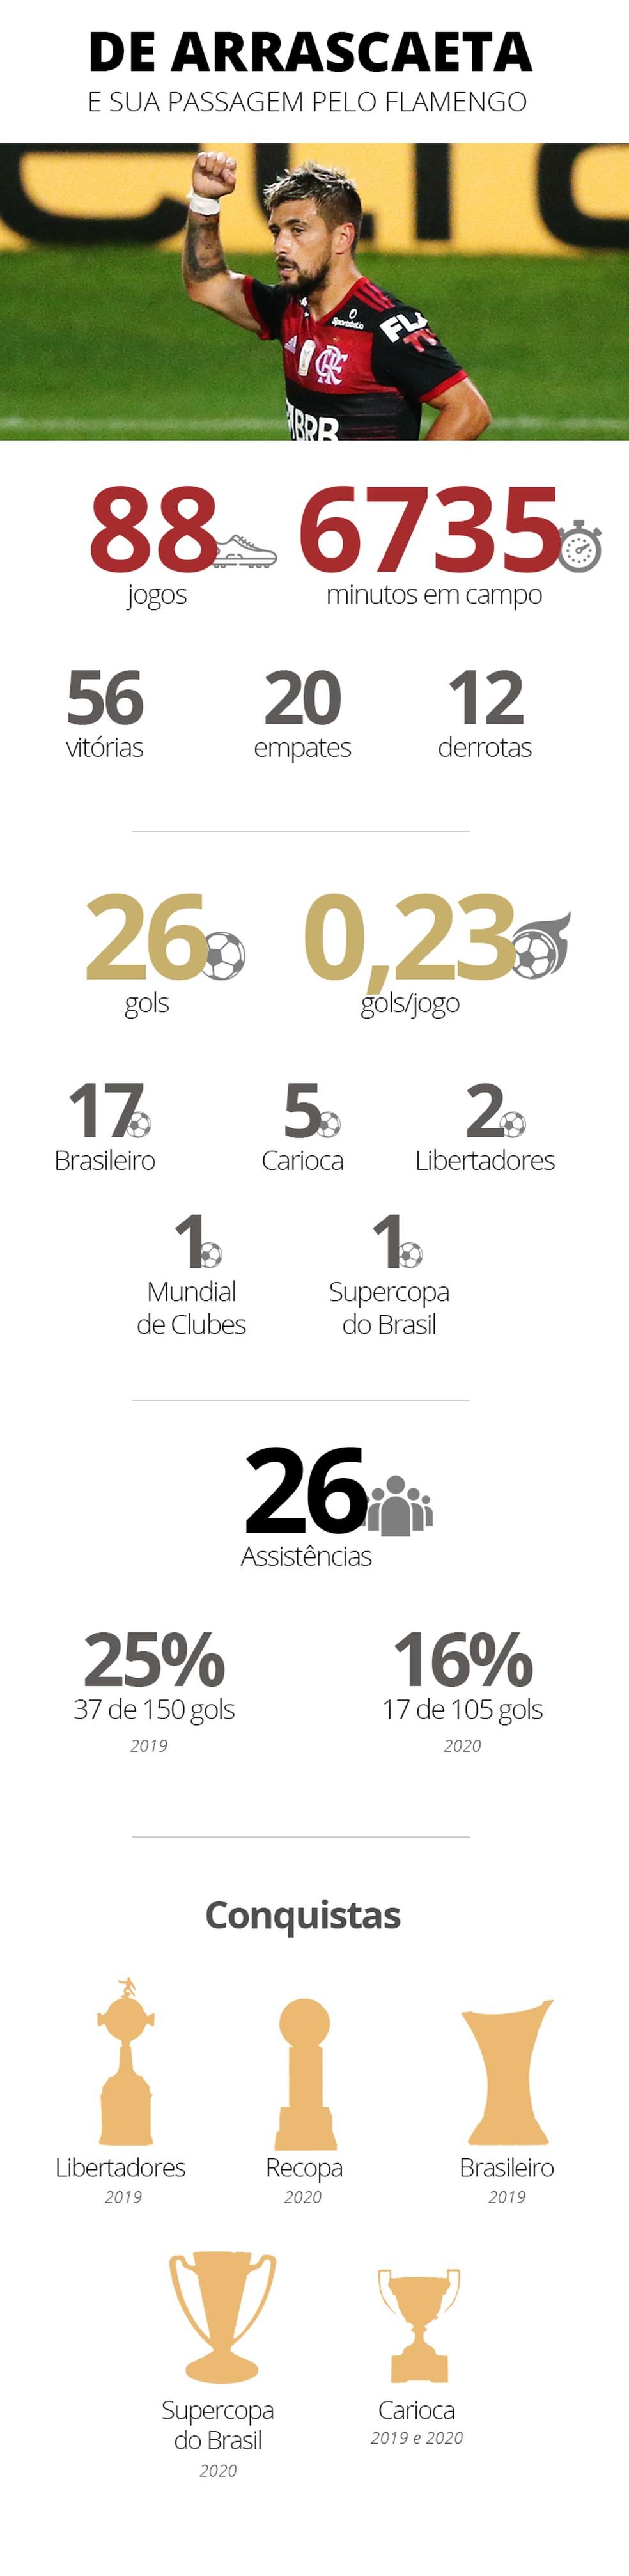 Info Arrascaeta Flamengo — Foto: ge